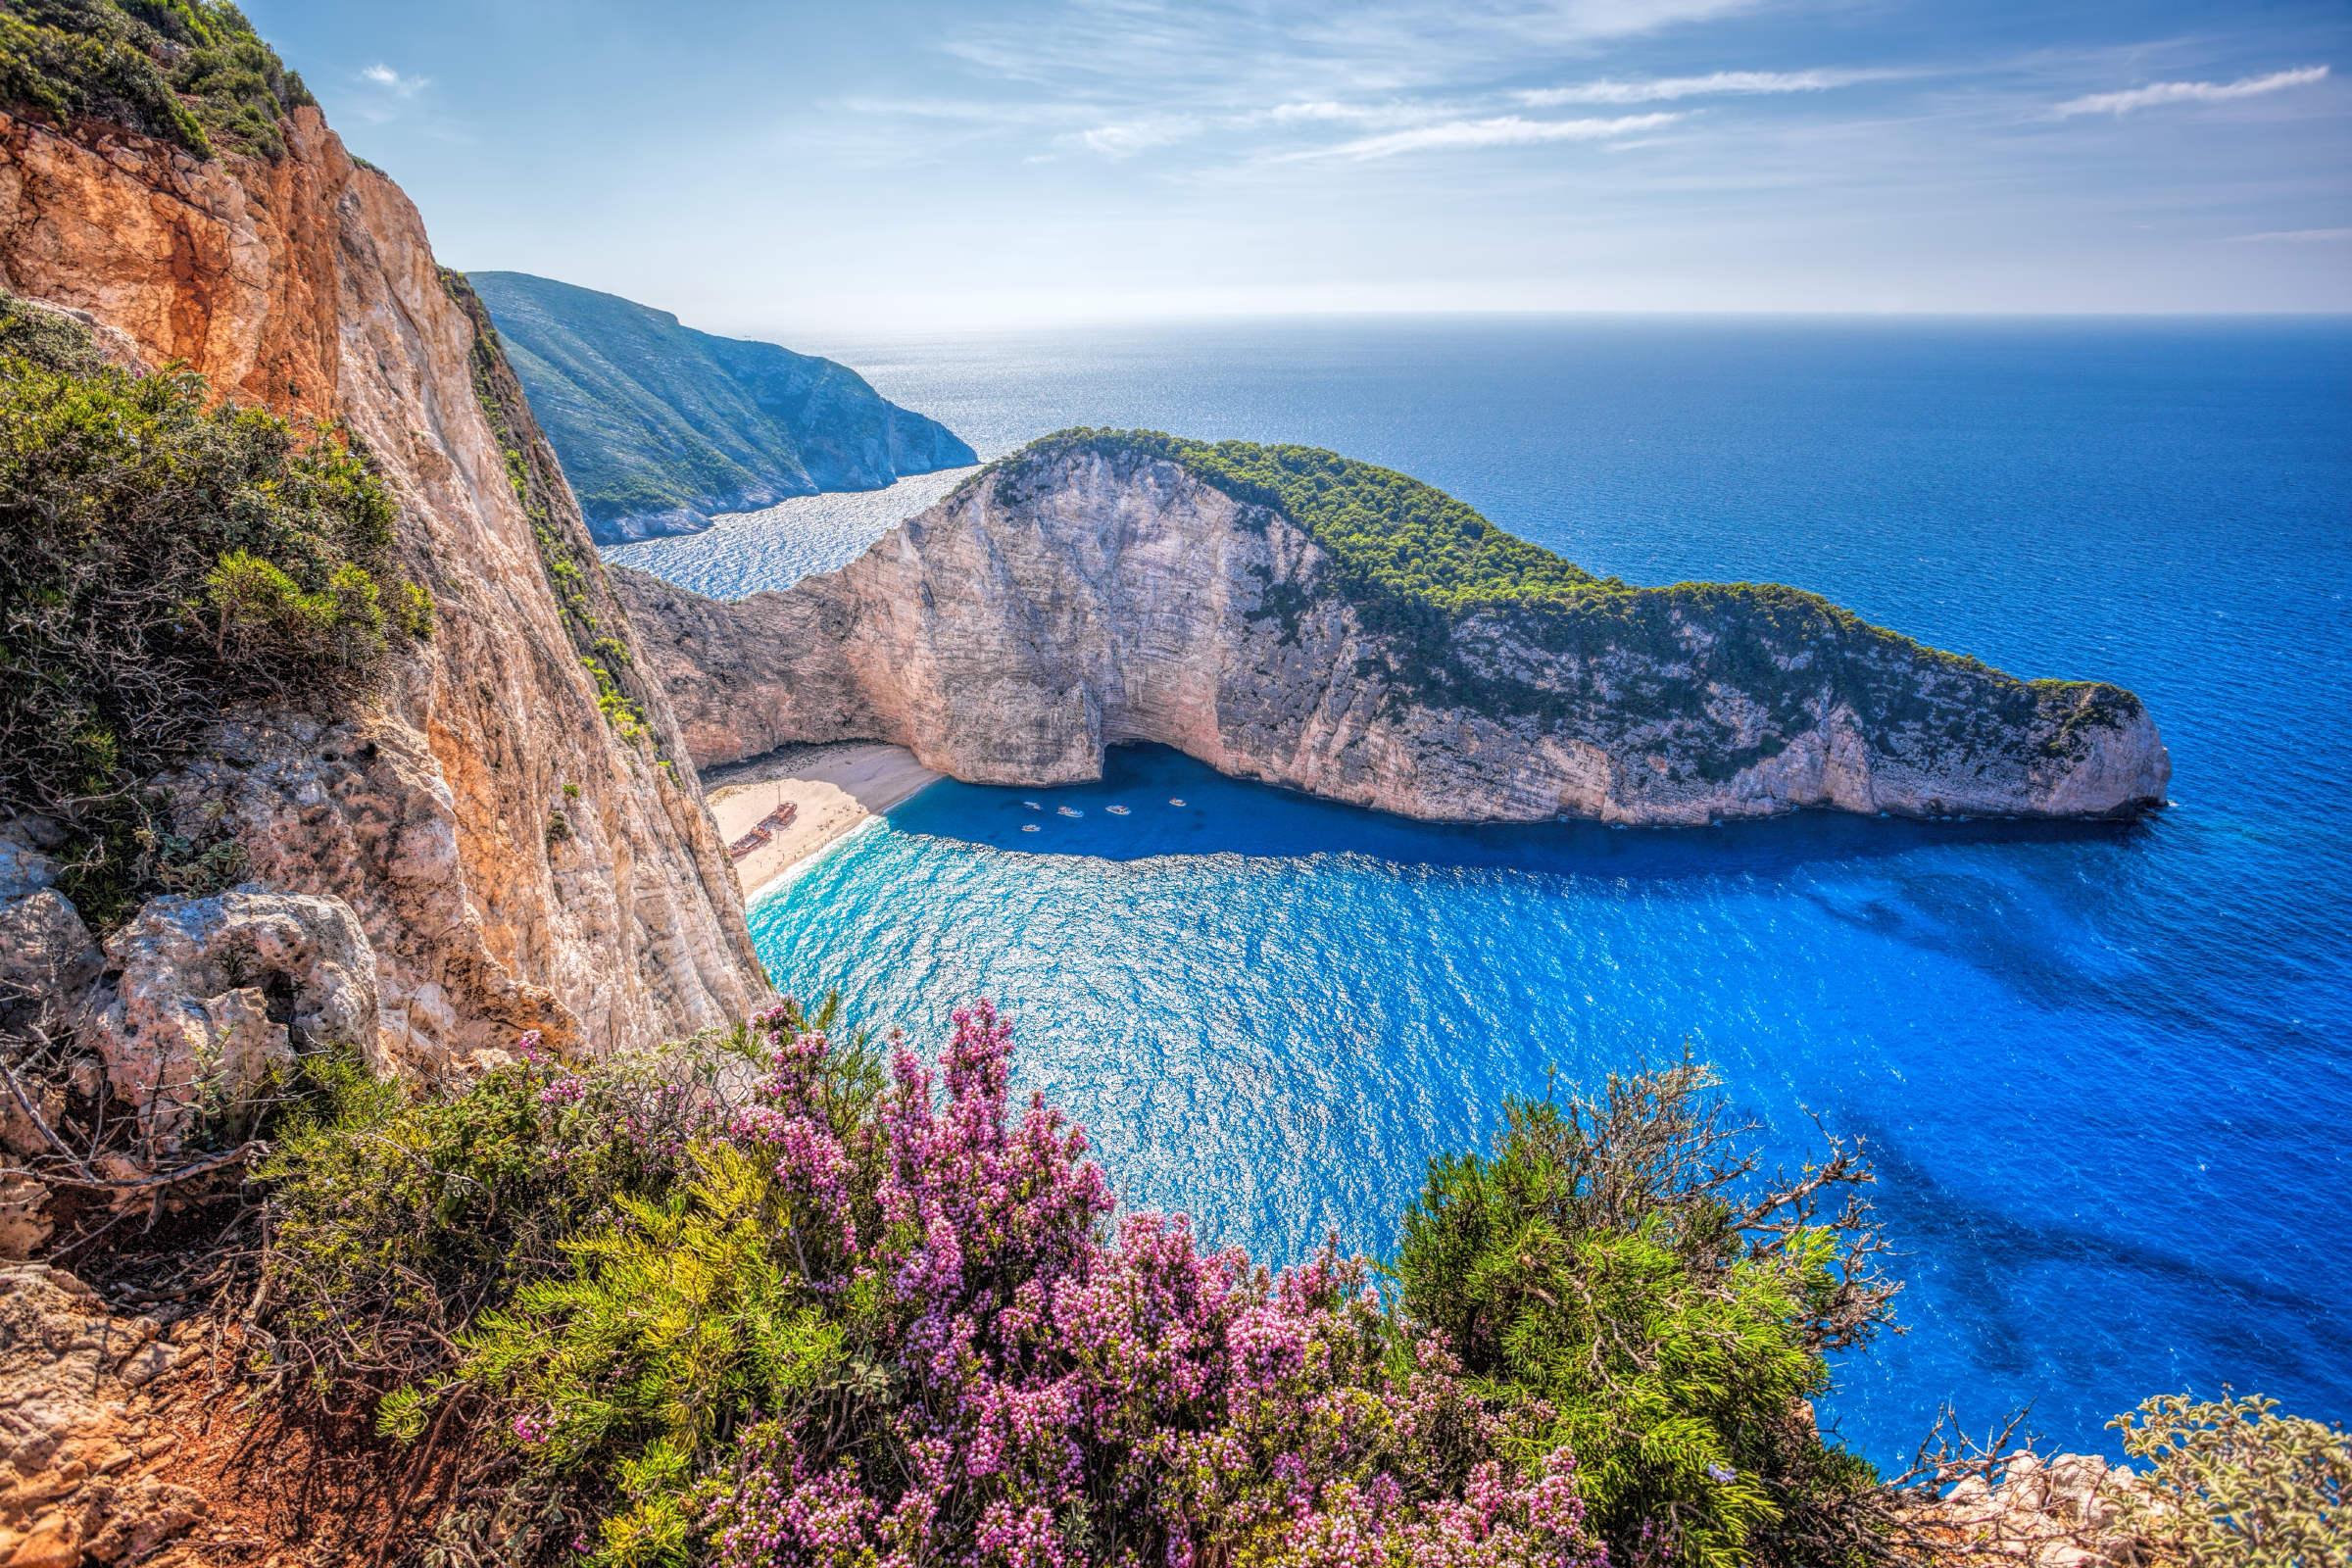 Ảnh cảnh đẹp thiên nhiên eo biển Navagio